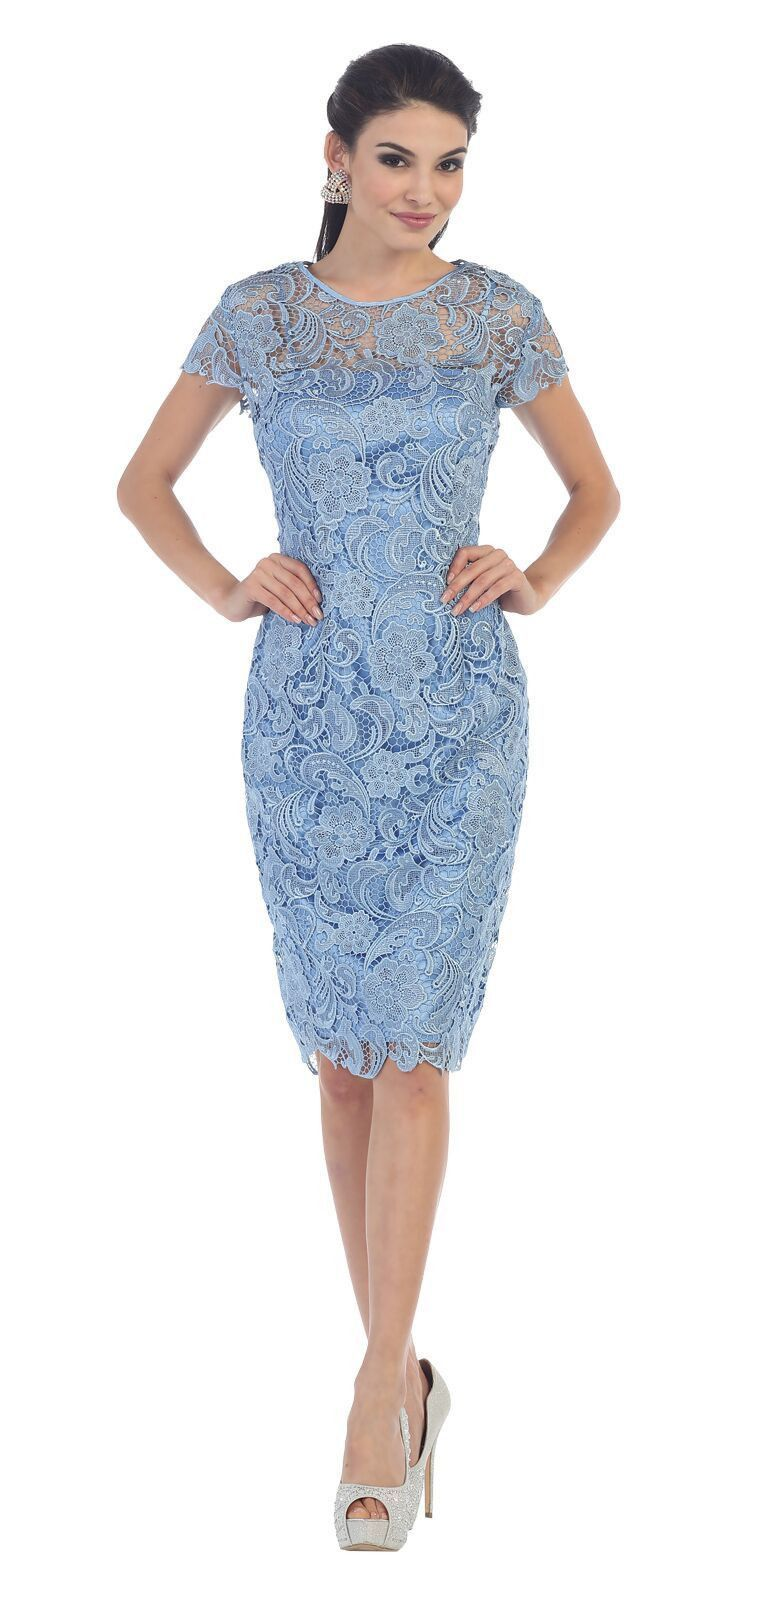 Short Plus Size Mother of the Bride Dress 2018 | Bride dresses ...